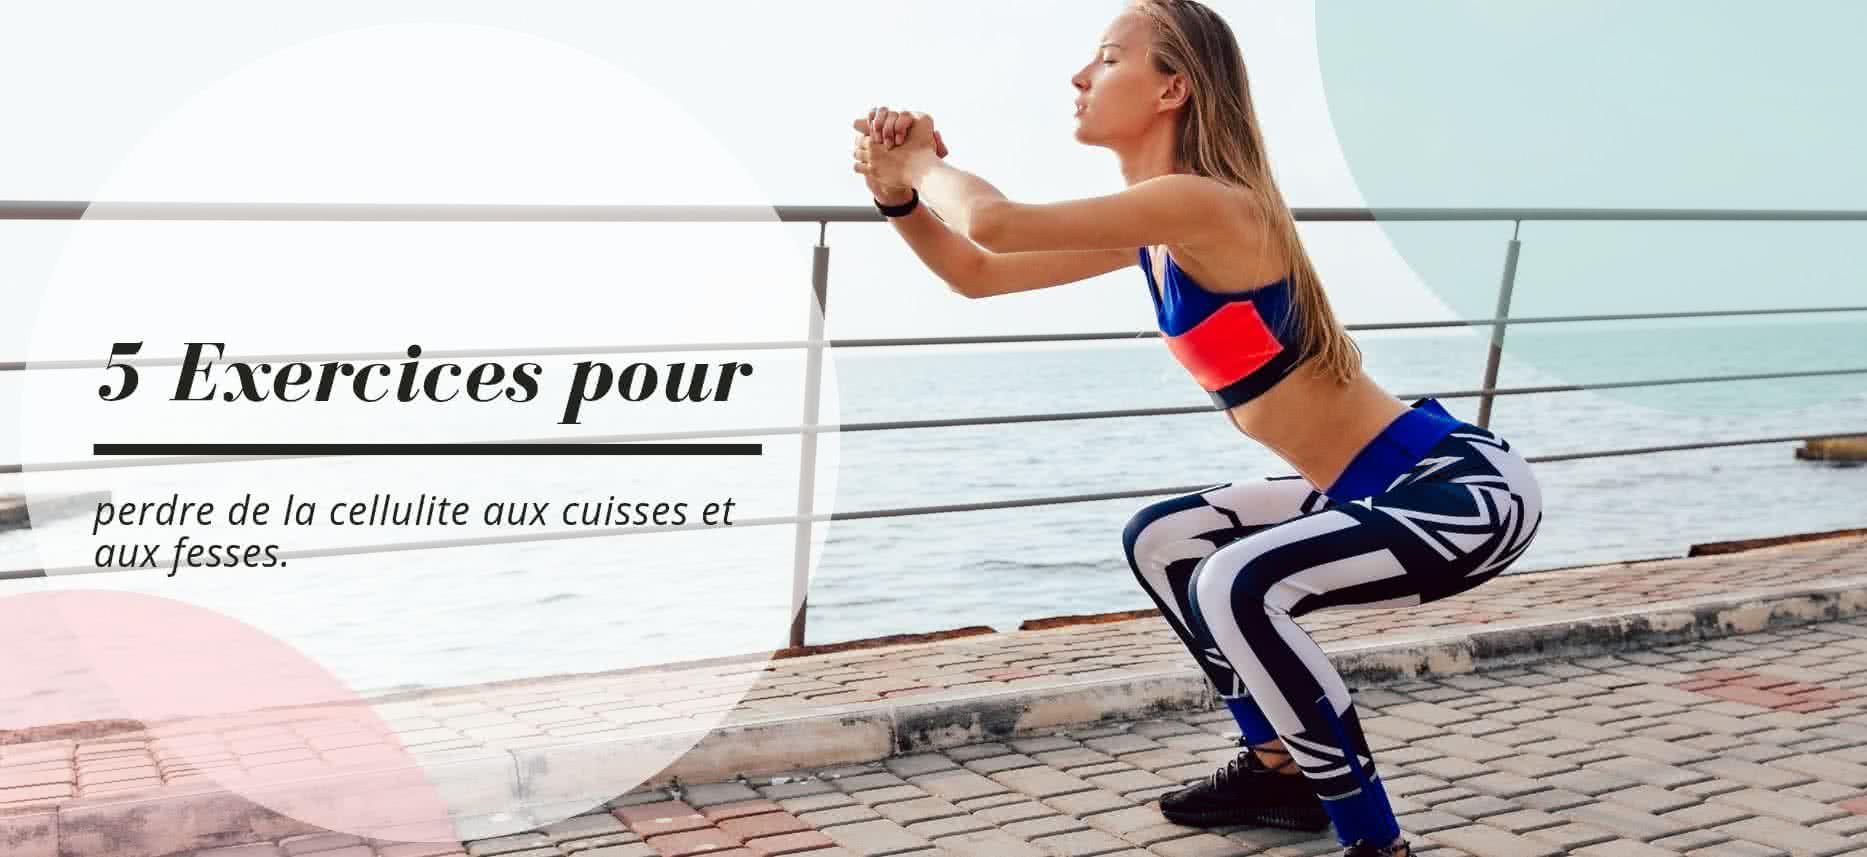 quels exercices pour se débarrasser de la cellulite aux cuisses et aux fesses